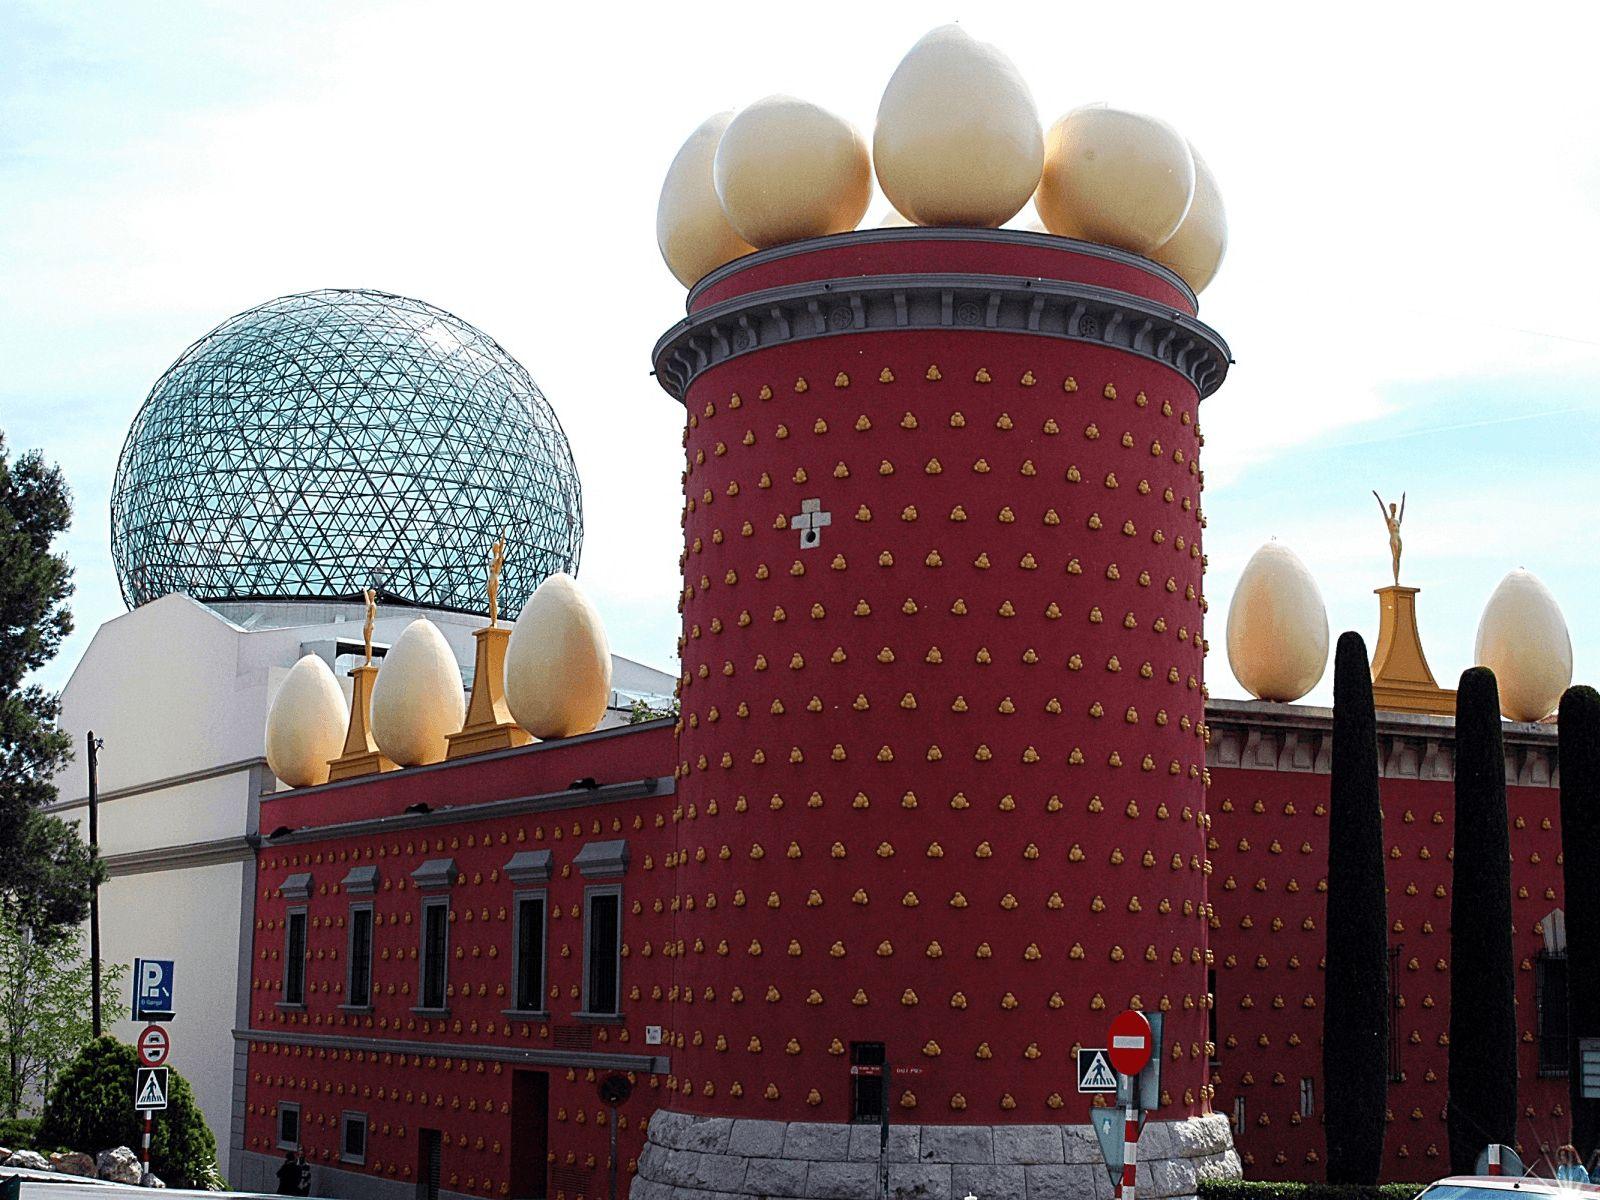 Španjolska i Provansa: Figueres: Muzej teatar Dali